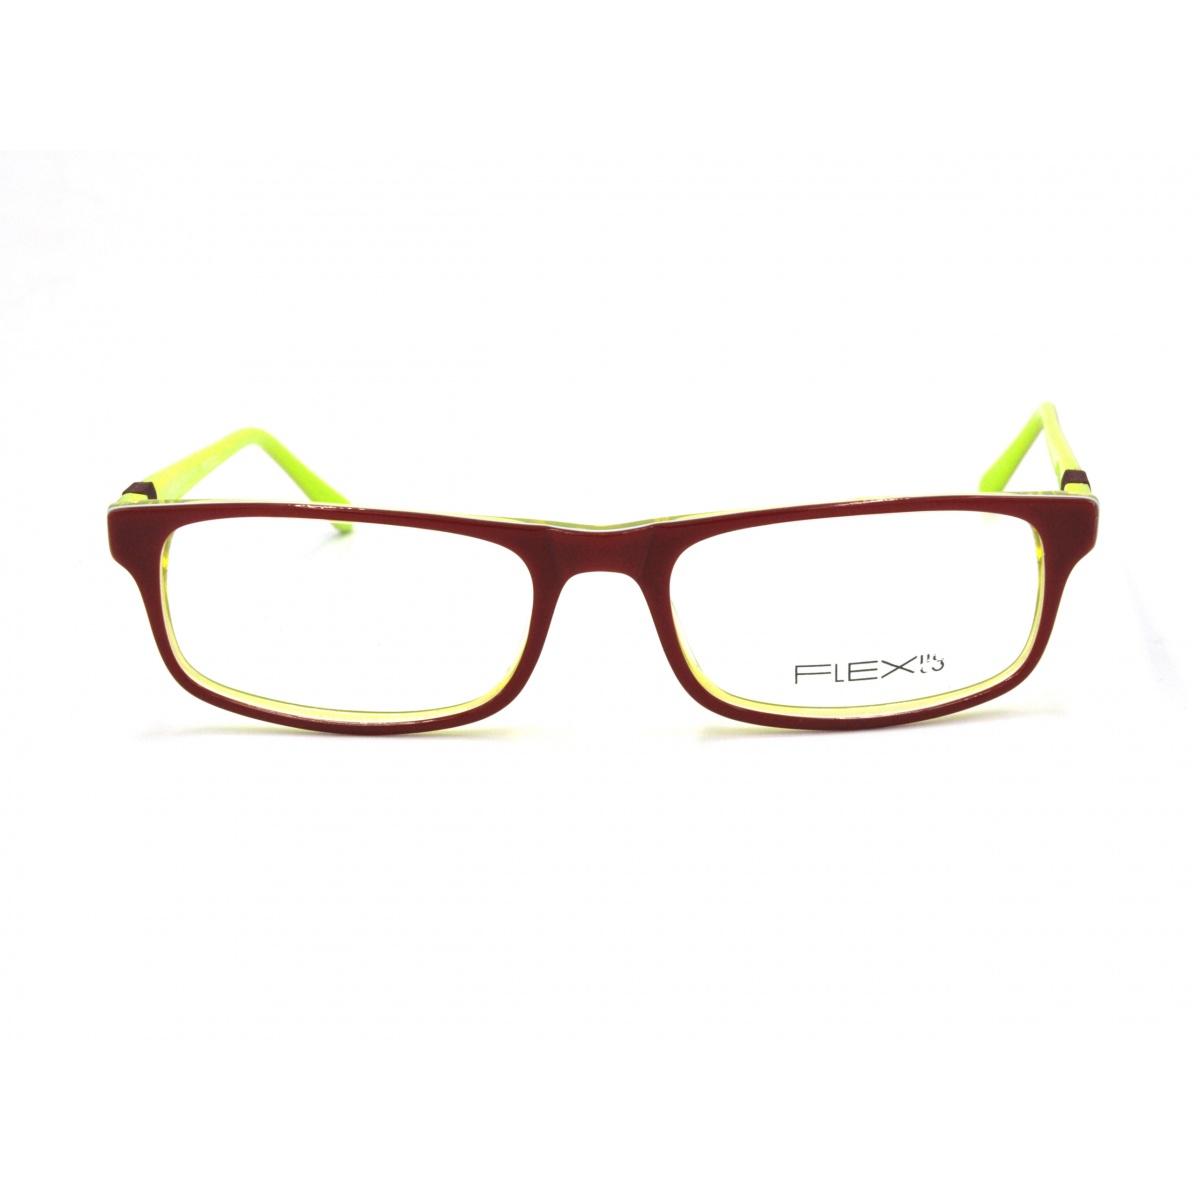 Γυαλιά οράσεως FLEXUS FTV001-340 51-17-135 Πειραιάς